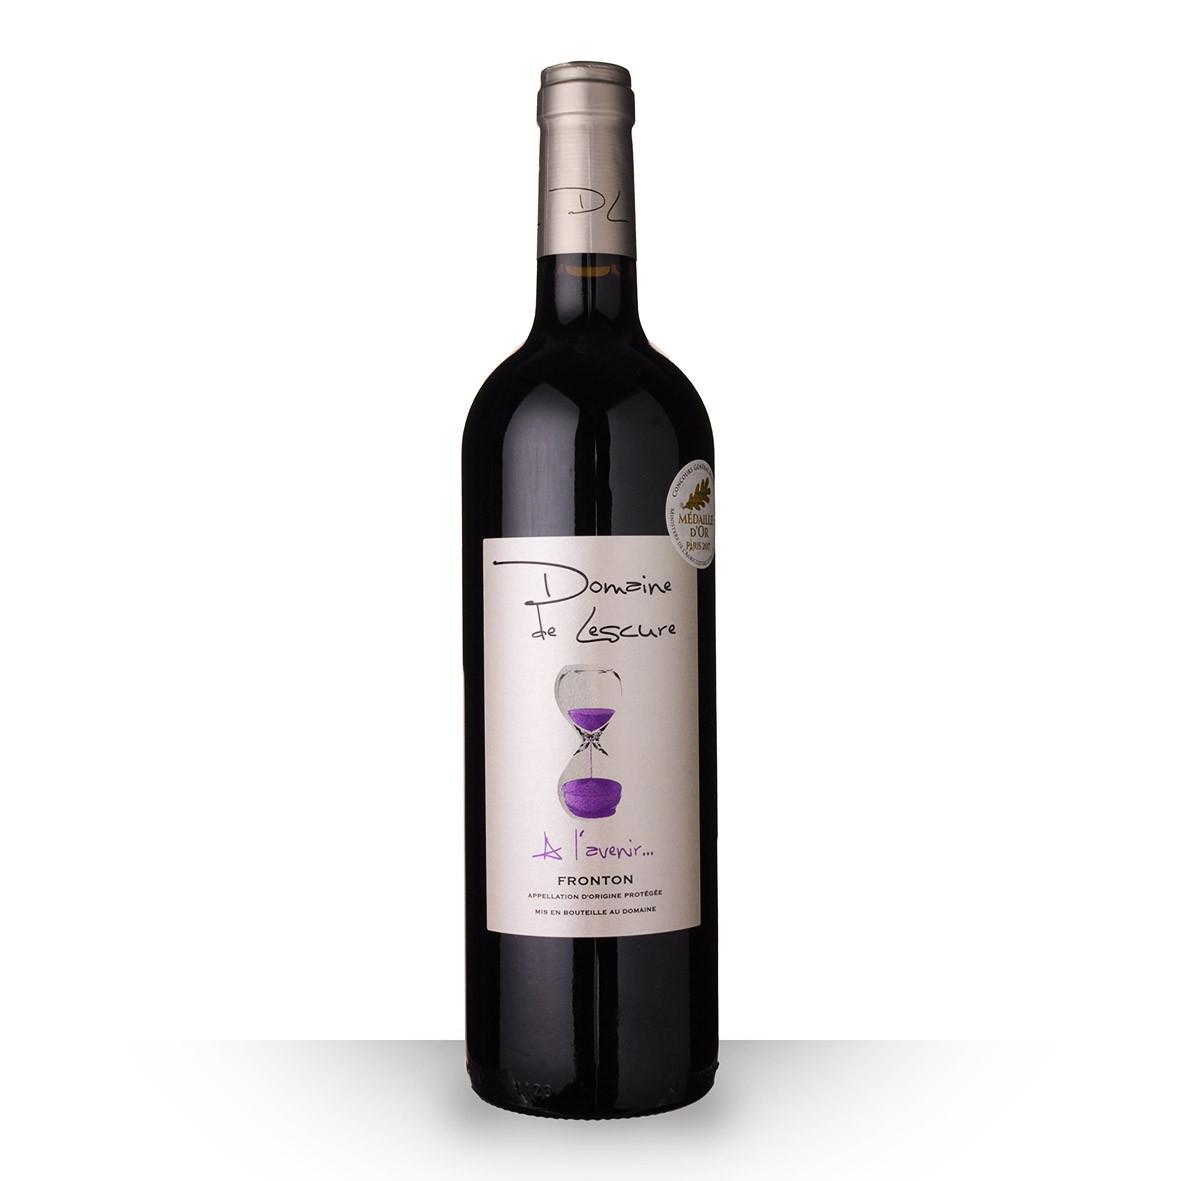 Domaine de Lescure A lavenir Fronton Rouge 2015 75cl www.odyssee-vins.com